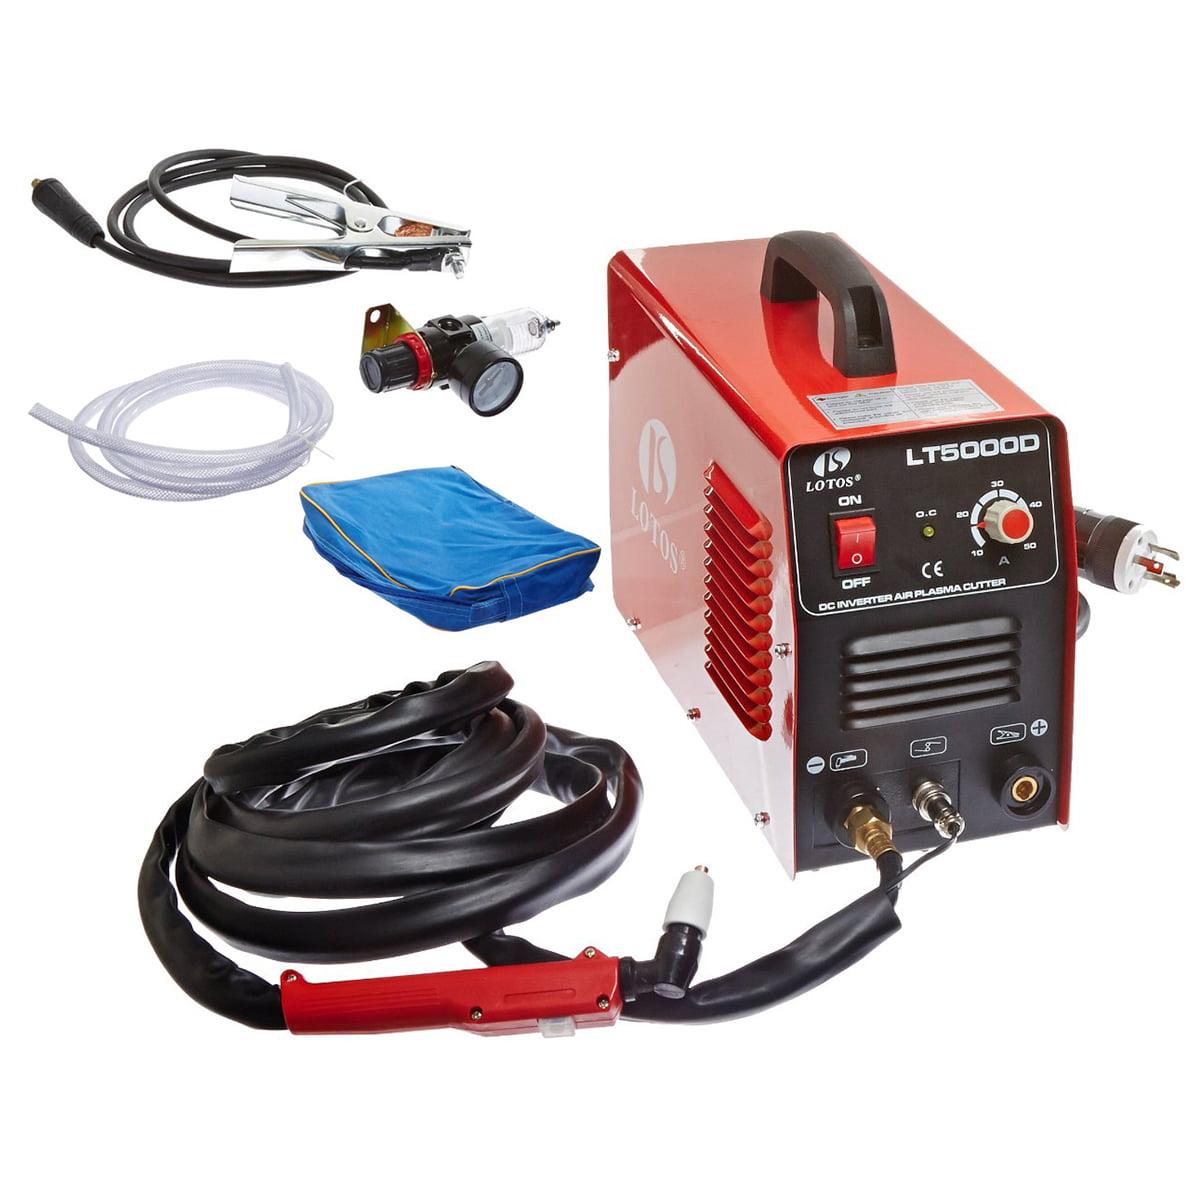 Lotos Dual Voltage (110/220V) 50 Amp Plasma Cutter without Pilot Arc LT5000D